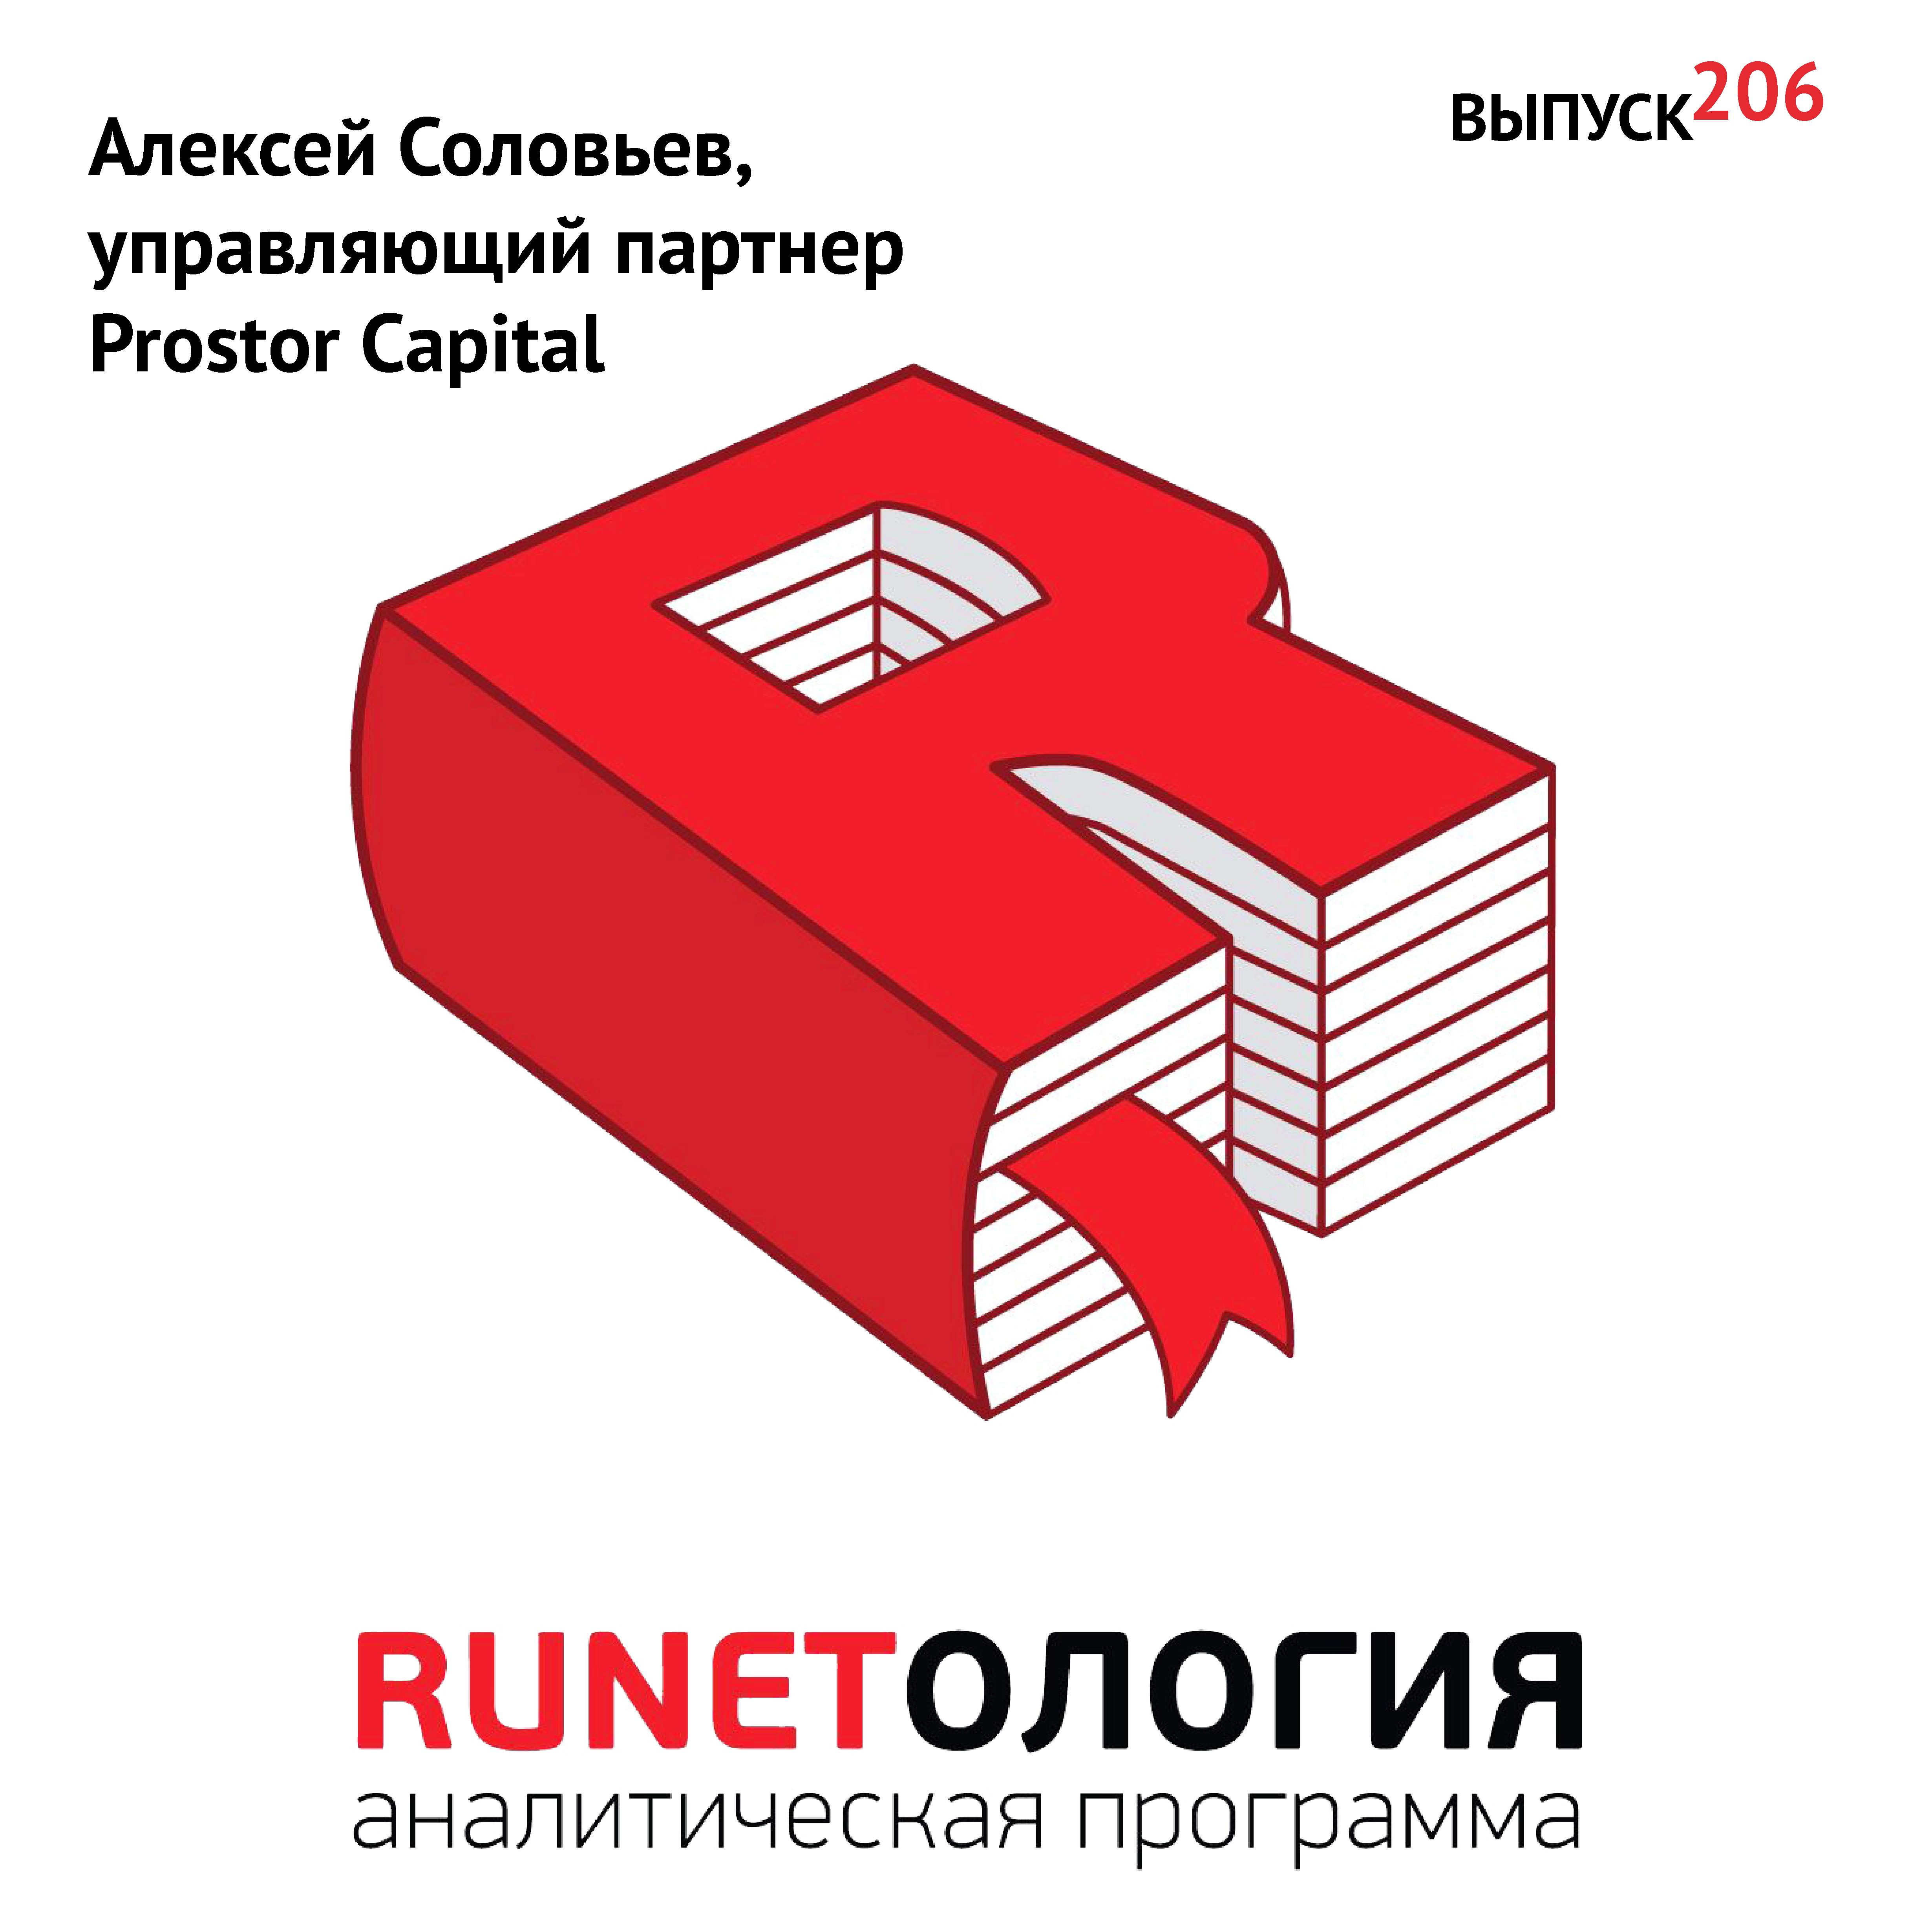 Максим Спиридонов Алексей Соловьев, управляющий партнер Prostor Capital capital inicial recife